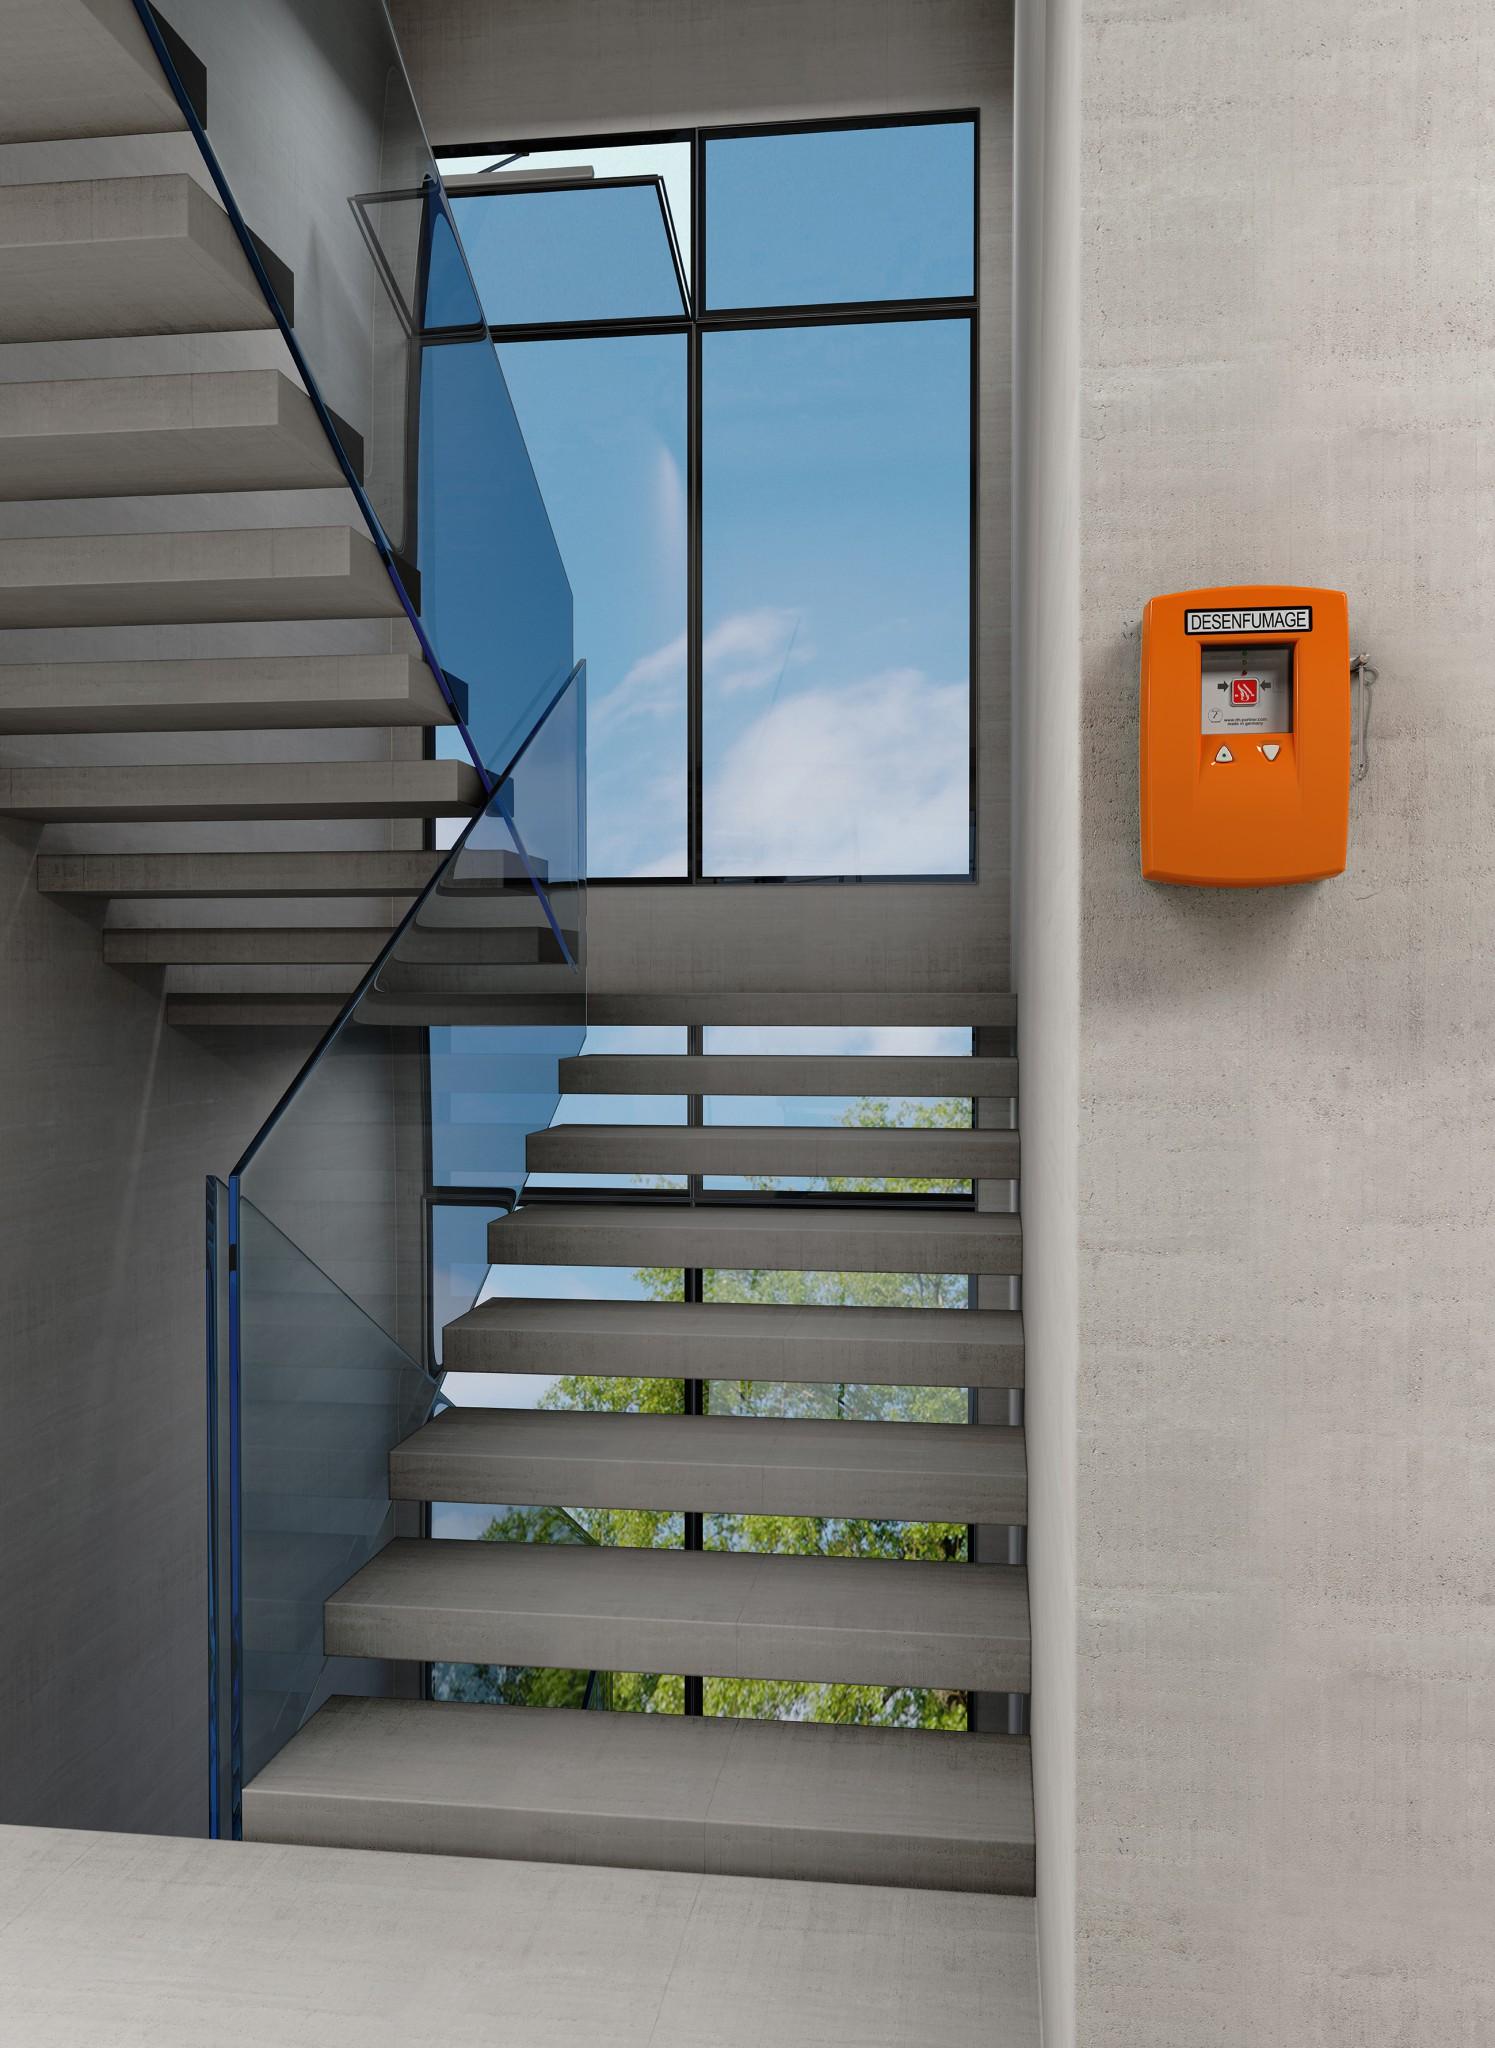 Commande châssis désenfumage ventilation cage escalier